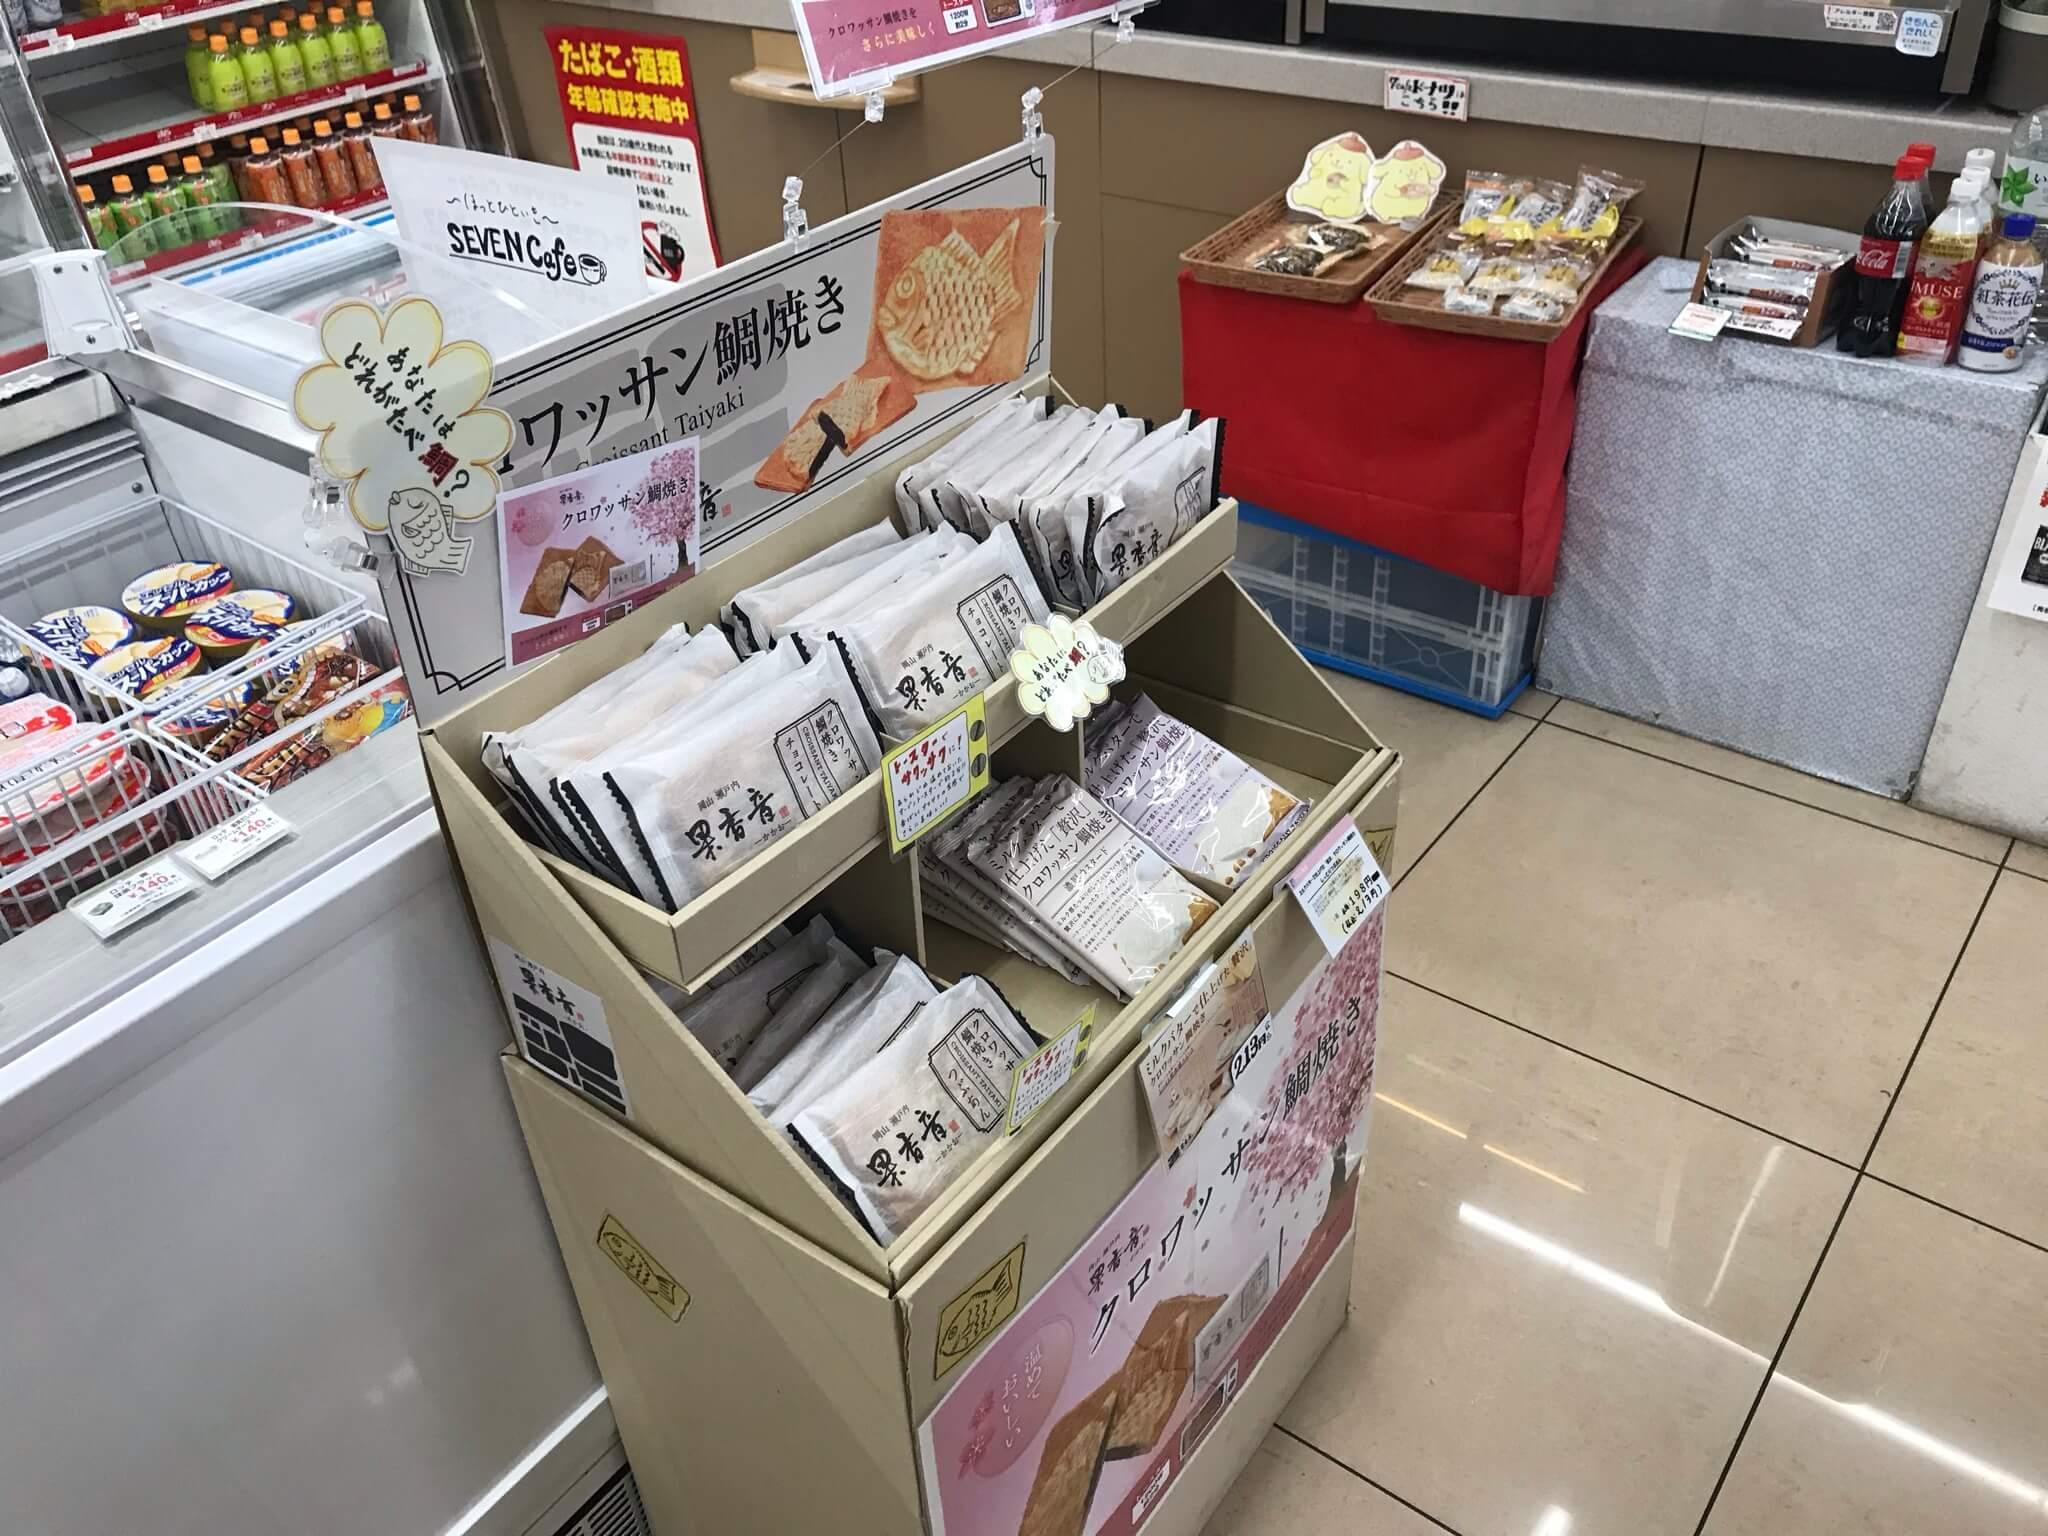 セブンイレブン加古川一色店でのクロワッサン鯛焼き陳列の様子